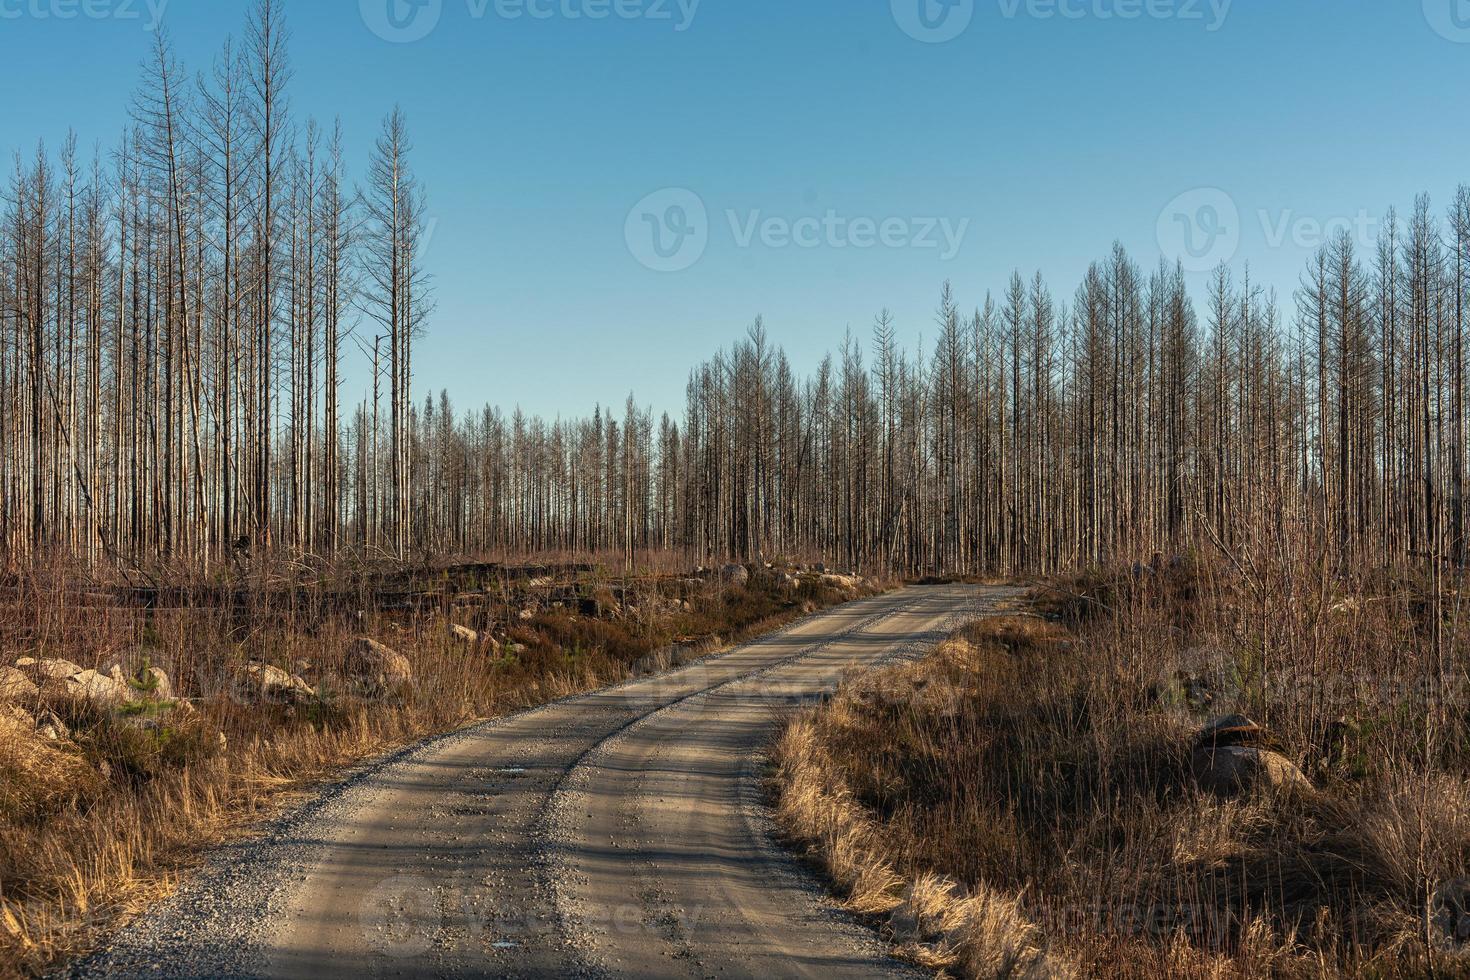 piccola strada che attraversa una foresta morta devastata da un incendio boschivo foto